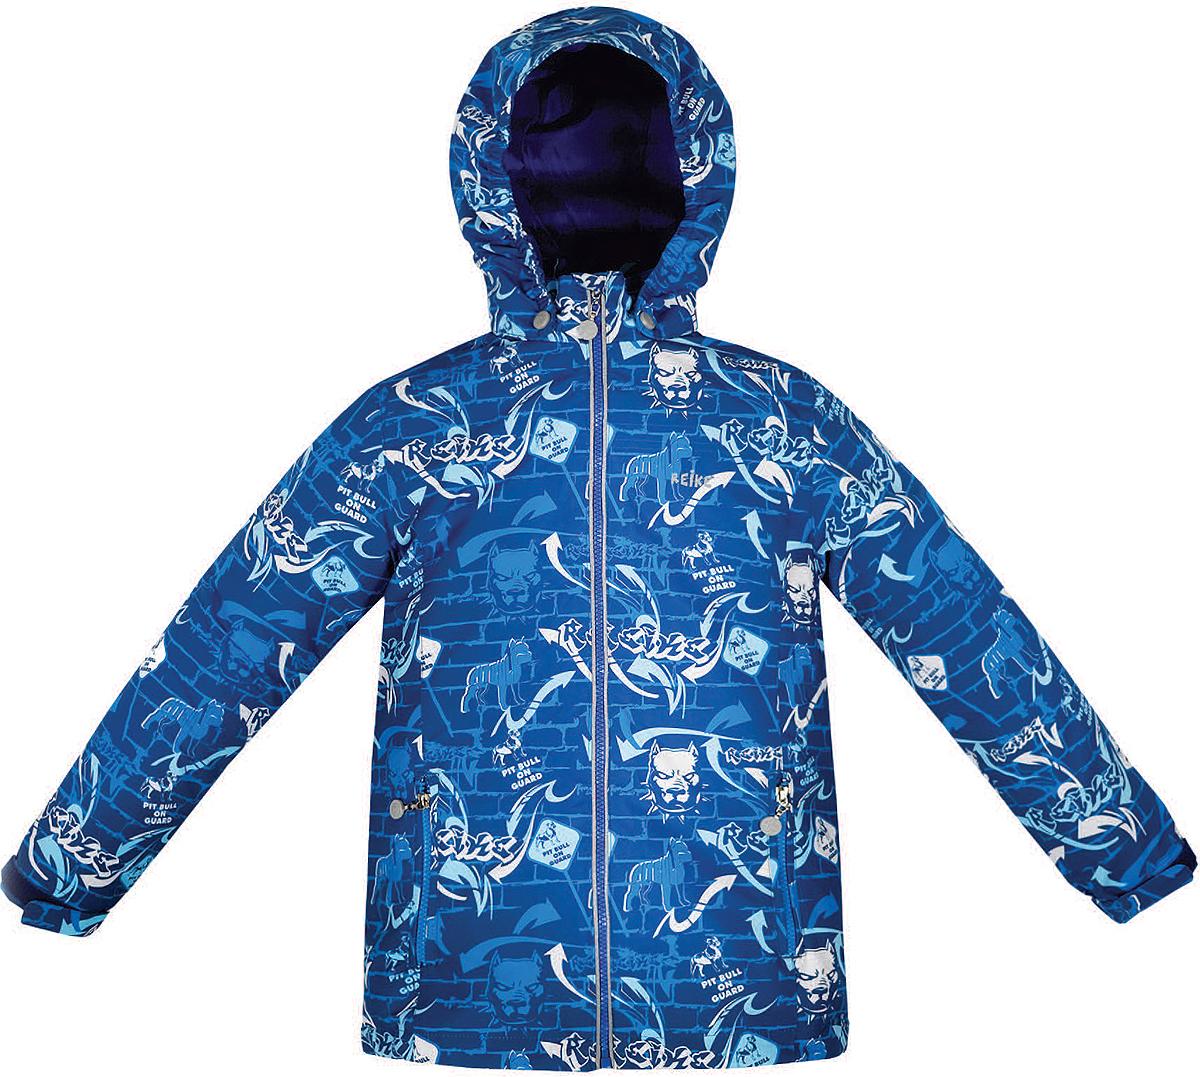 Куртка для мальчика Reike Питбуль, цвет: синий. 36941220. Размер 140, 10 лет36 941 220_Pitbull blueСтильная куртка для мальчика Reike Питбуль выполнена из ветрозащитного, водоотталкивающего и дышащего мембранного материала с подкладкой из микрофлиса. Модель с воротником-стойкой, защищающим от ветра, застегивается на молнию с защитой подбородка и оформлена молодежным принтом в стиле серии. Манжеты рукавов на резинке дополнительно регулируются с помощью липучек. Модель дополнена съемным капюшоном, утянутым резинкой, двумя прорезными карманами на молниях и светоотражающими элементами на спине. Особенности изделия:- базовый уровень; - коэффициент воздухопроницаемости: 2000гр/м2/24 ч;- водоотталкивающее покрытие: 2000 мм.